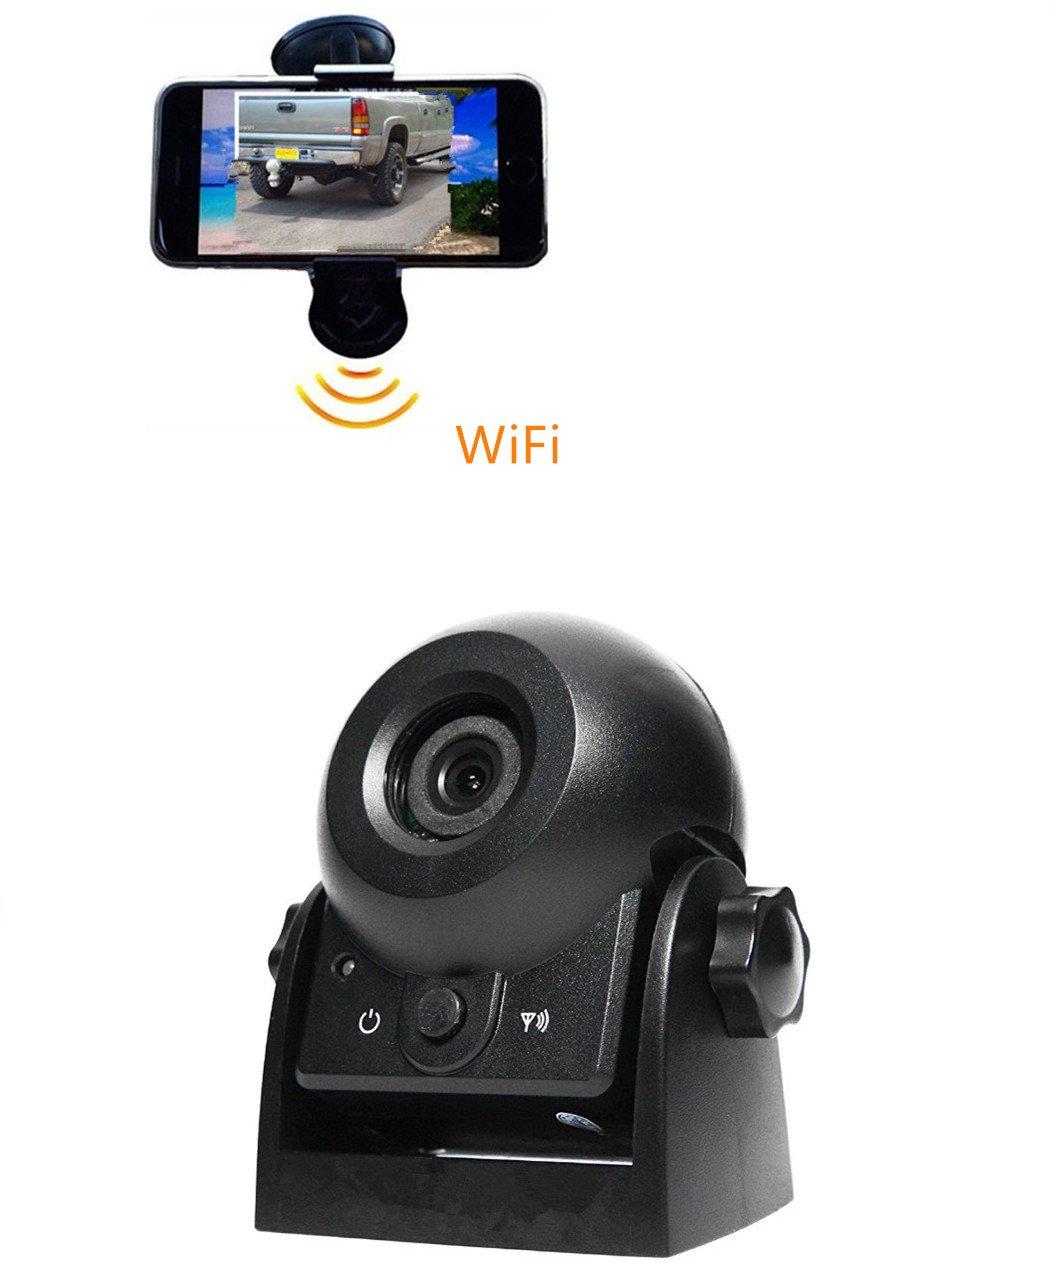 EsiCam® Weltneuheit, direkt HD auf iPhone anschauende drahtlose Anhängerkamera EH05 für RV, Abschleppwagen, LKW, SUV, Nachtsicht möglich, mit Lichtblitz, All-in-one